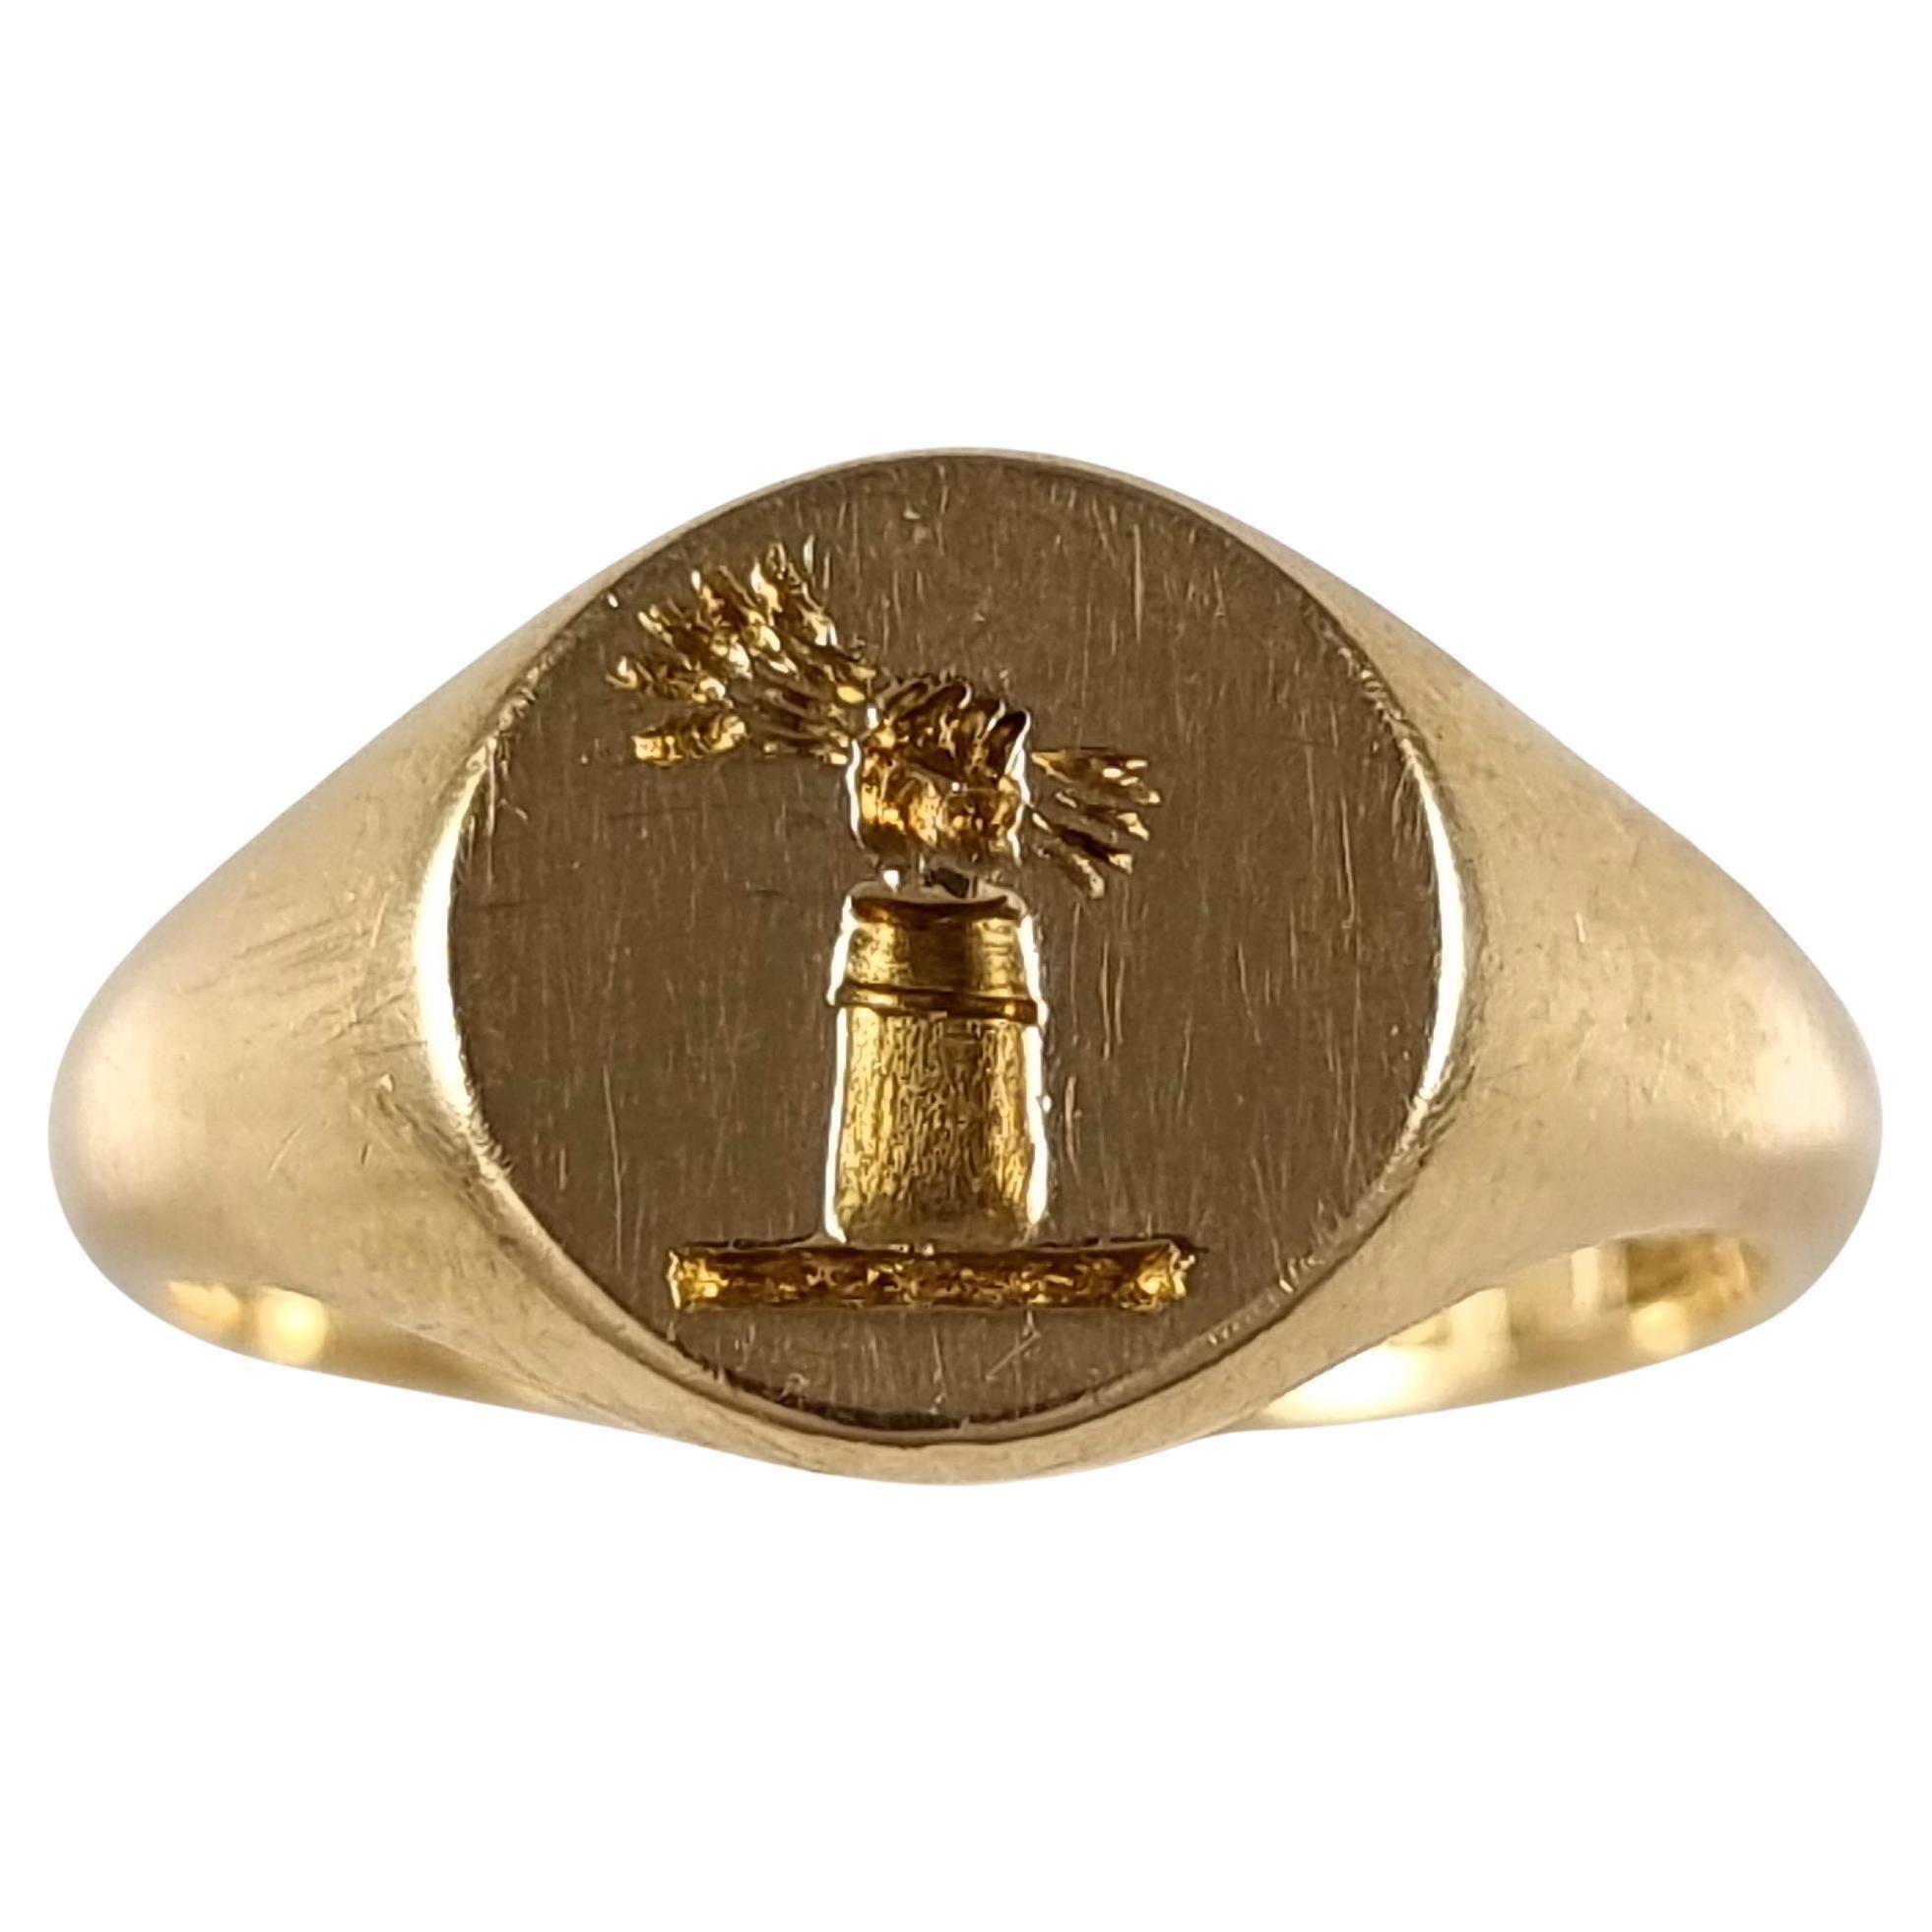 18 Carat Gold Intaglio Signet Ring, 1936